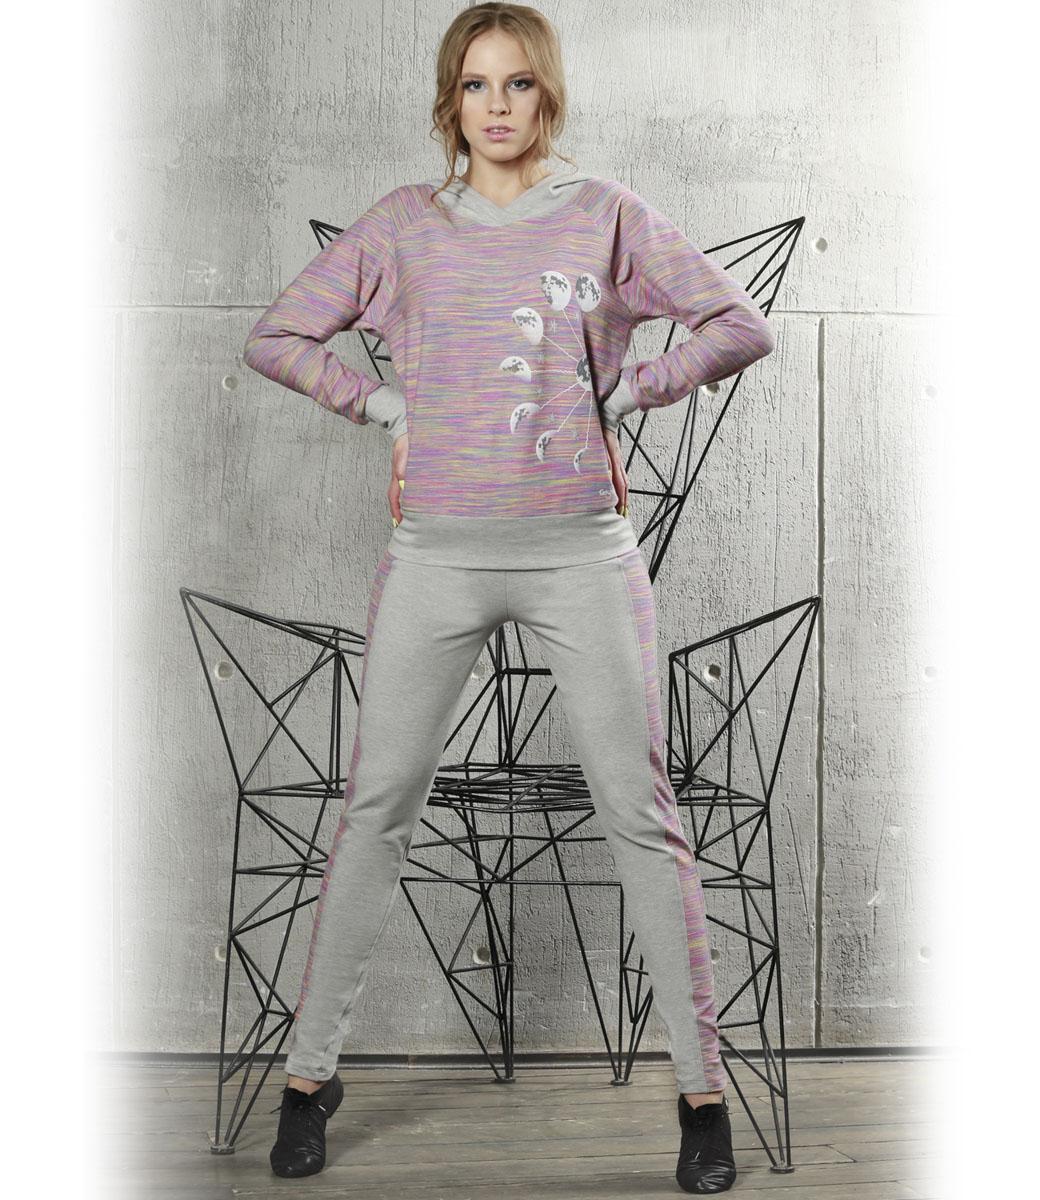 Леггинсы для йоги женские Grishko Yoga, цвет: светло-серый, розовый. AL-2940. Размер XS (42)AL-2940Модные леггинсы отлично сочетаются с джемперами и толстовками из линии Grishko Yoga, создавая ультрасовременный спортивный комплект для занятий и прогулок. Леггинсы выполнены из плотного двухстороннего меланжированнного хлопка с лайкрой нового поколения - необычайно качественного и приятного на ощупь материала. Изделие декорировано широким лампасом актуального цветового сочетания размытого радужного спектра.